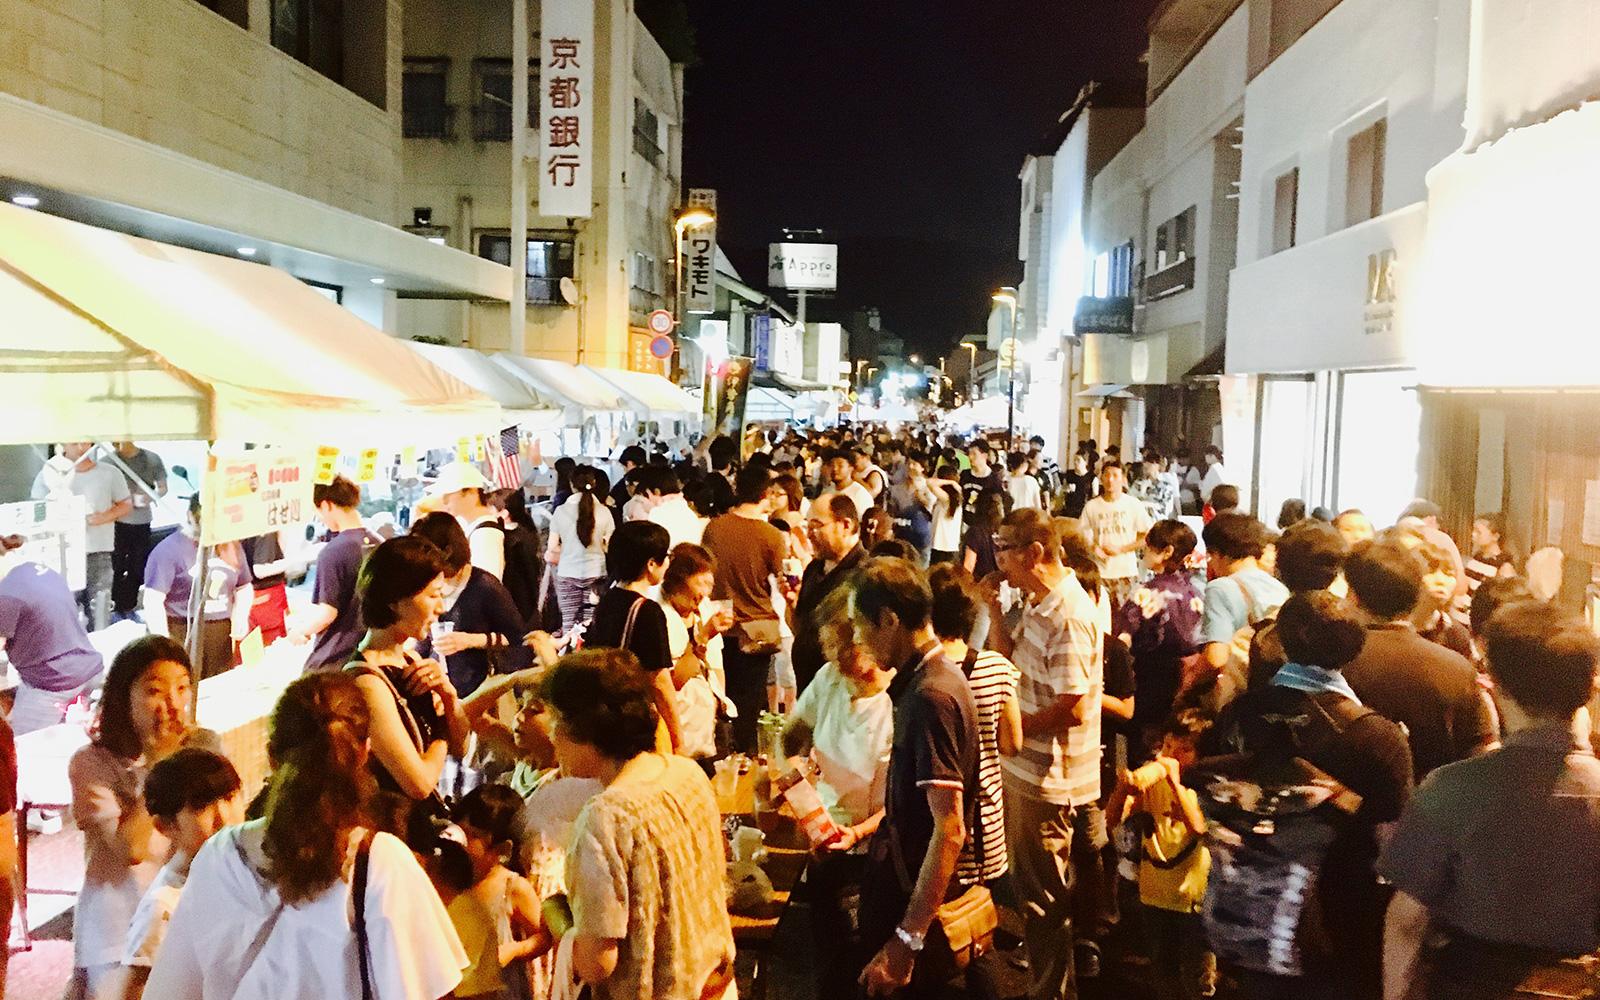 宇治橋通り商店街・クラフトビール夜市2017